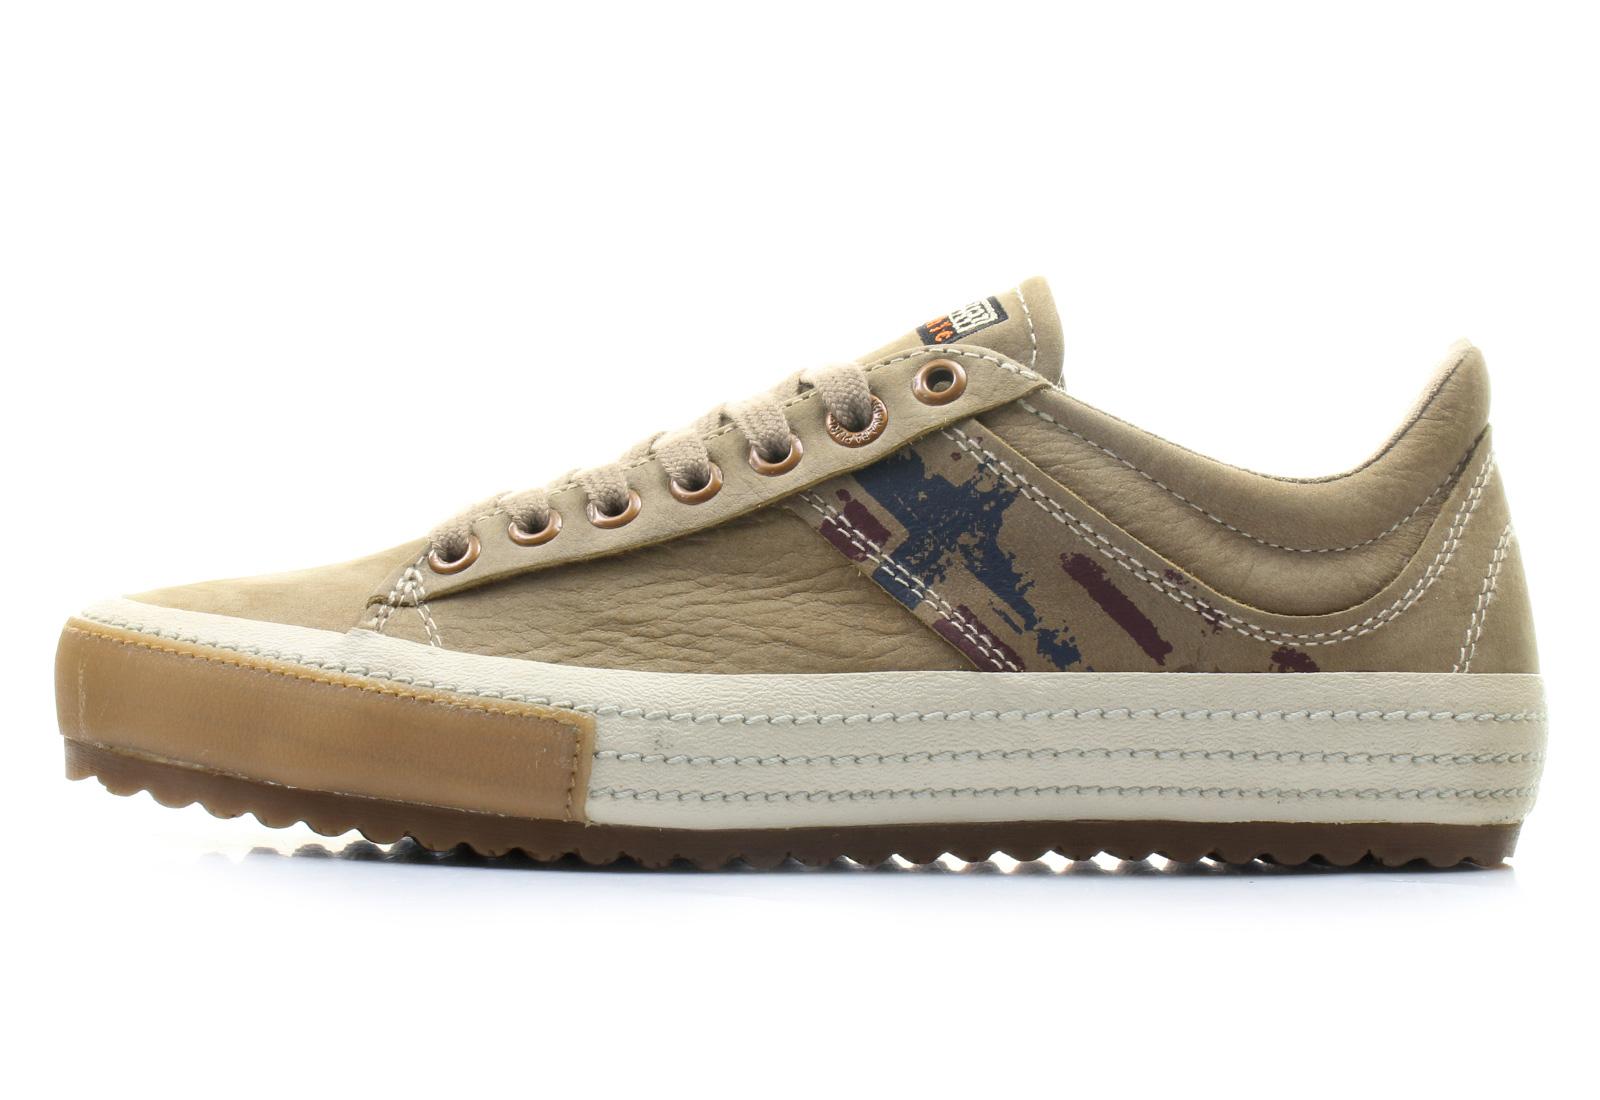 1a15746e2a2c Napapijri Cipő - Vince - 11831725-N42 - Office Shoes Magyarország